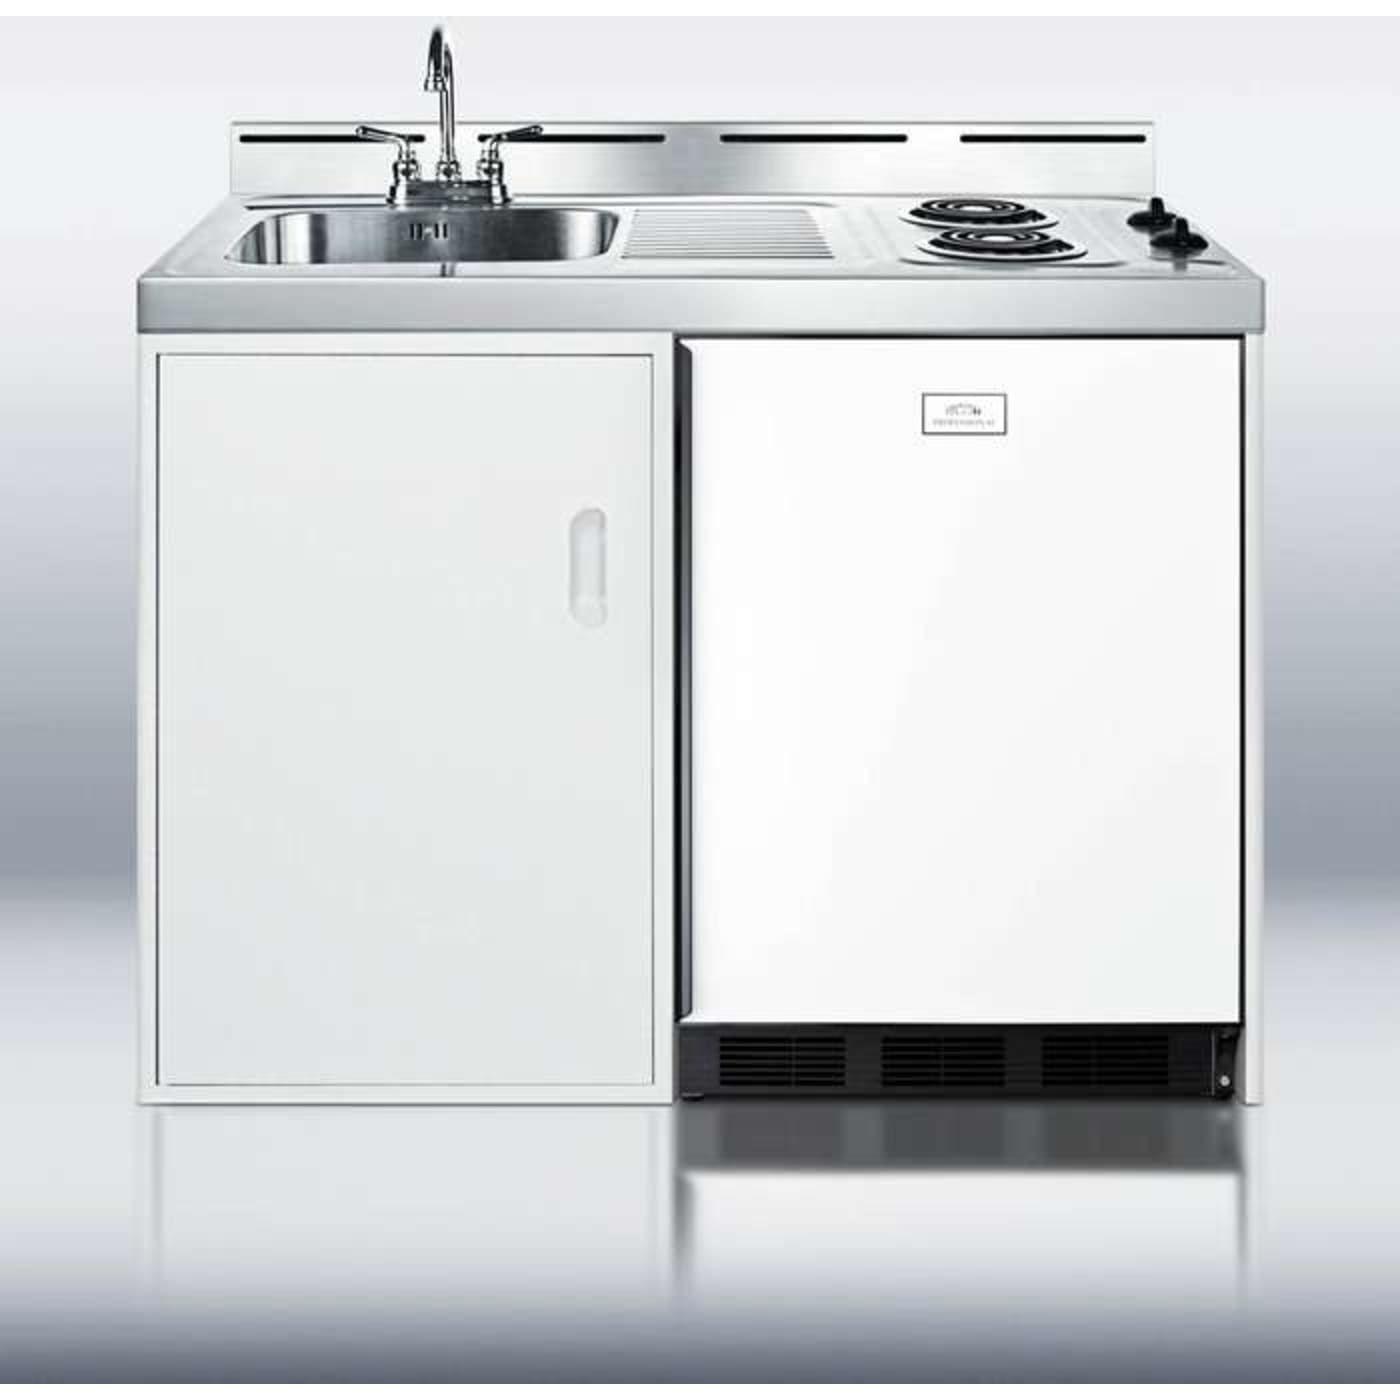 summit c48el kitchen appliances compact kitchen outdoor kitchen appliances on outdoor kitchen appliances id=28267